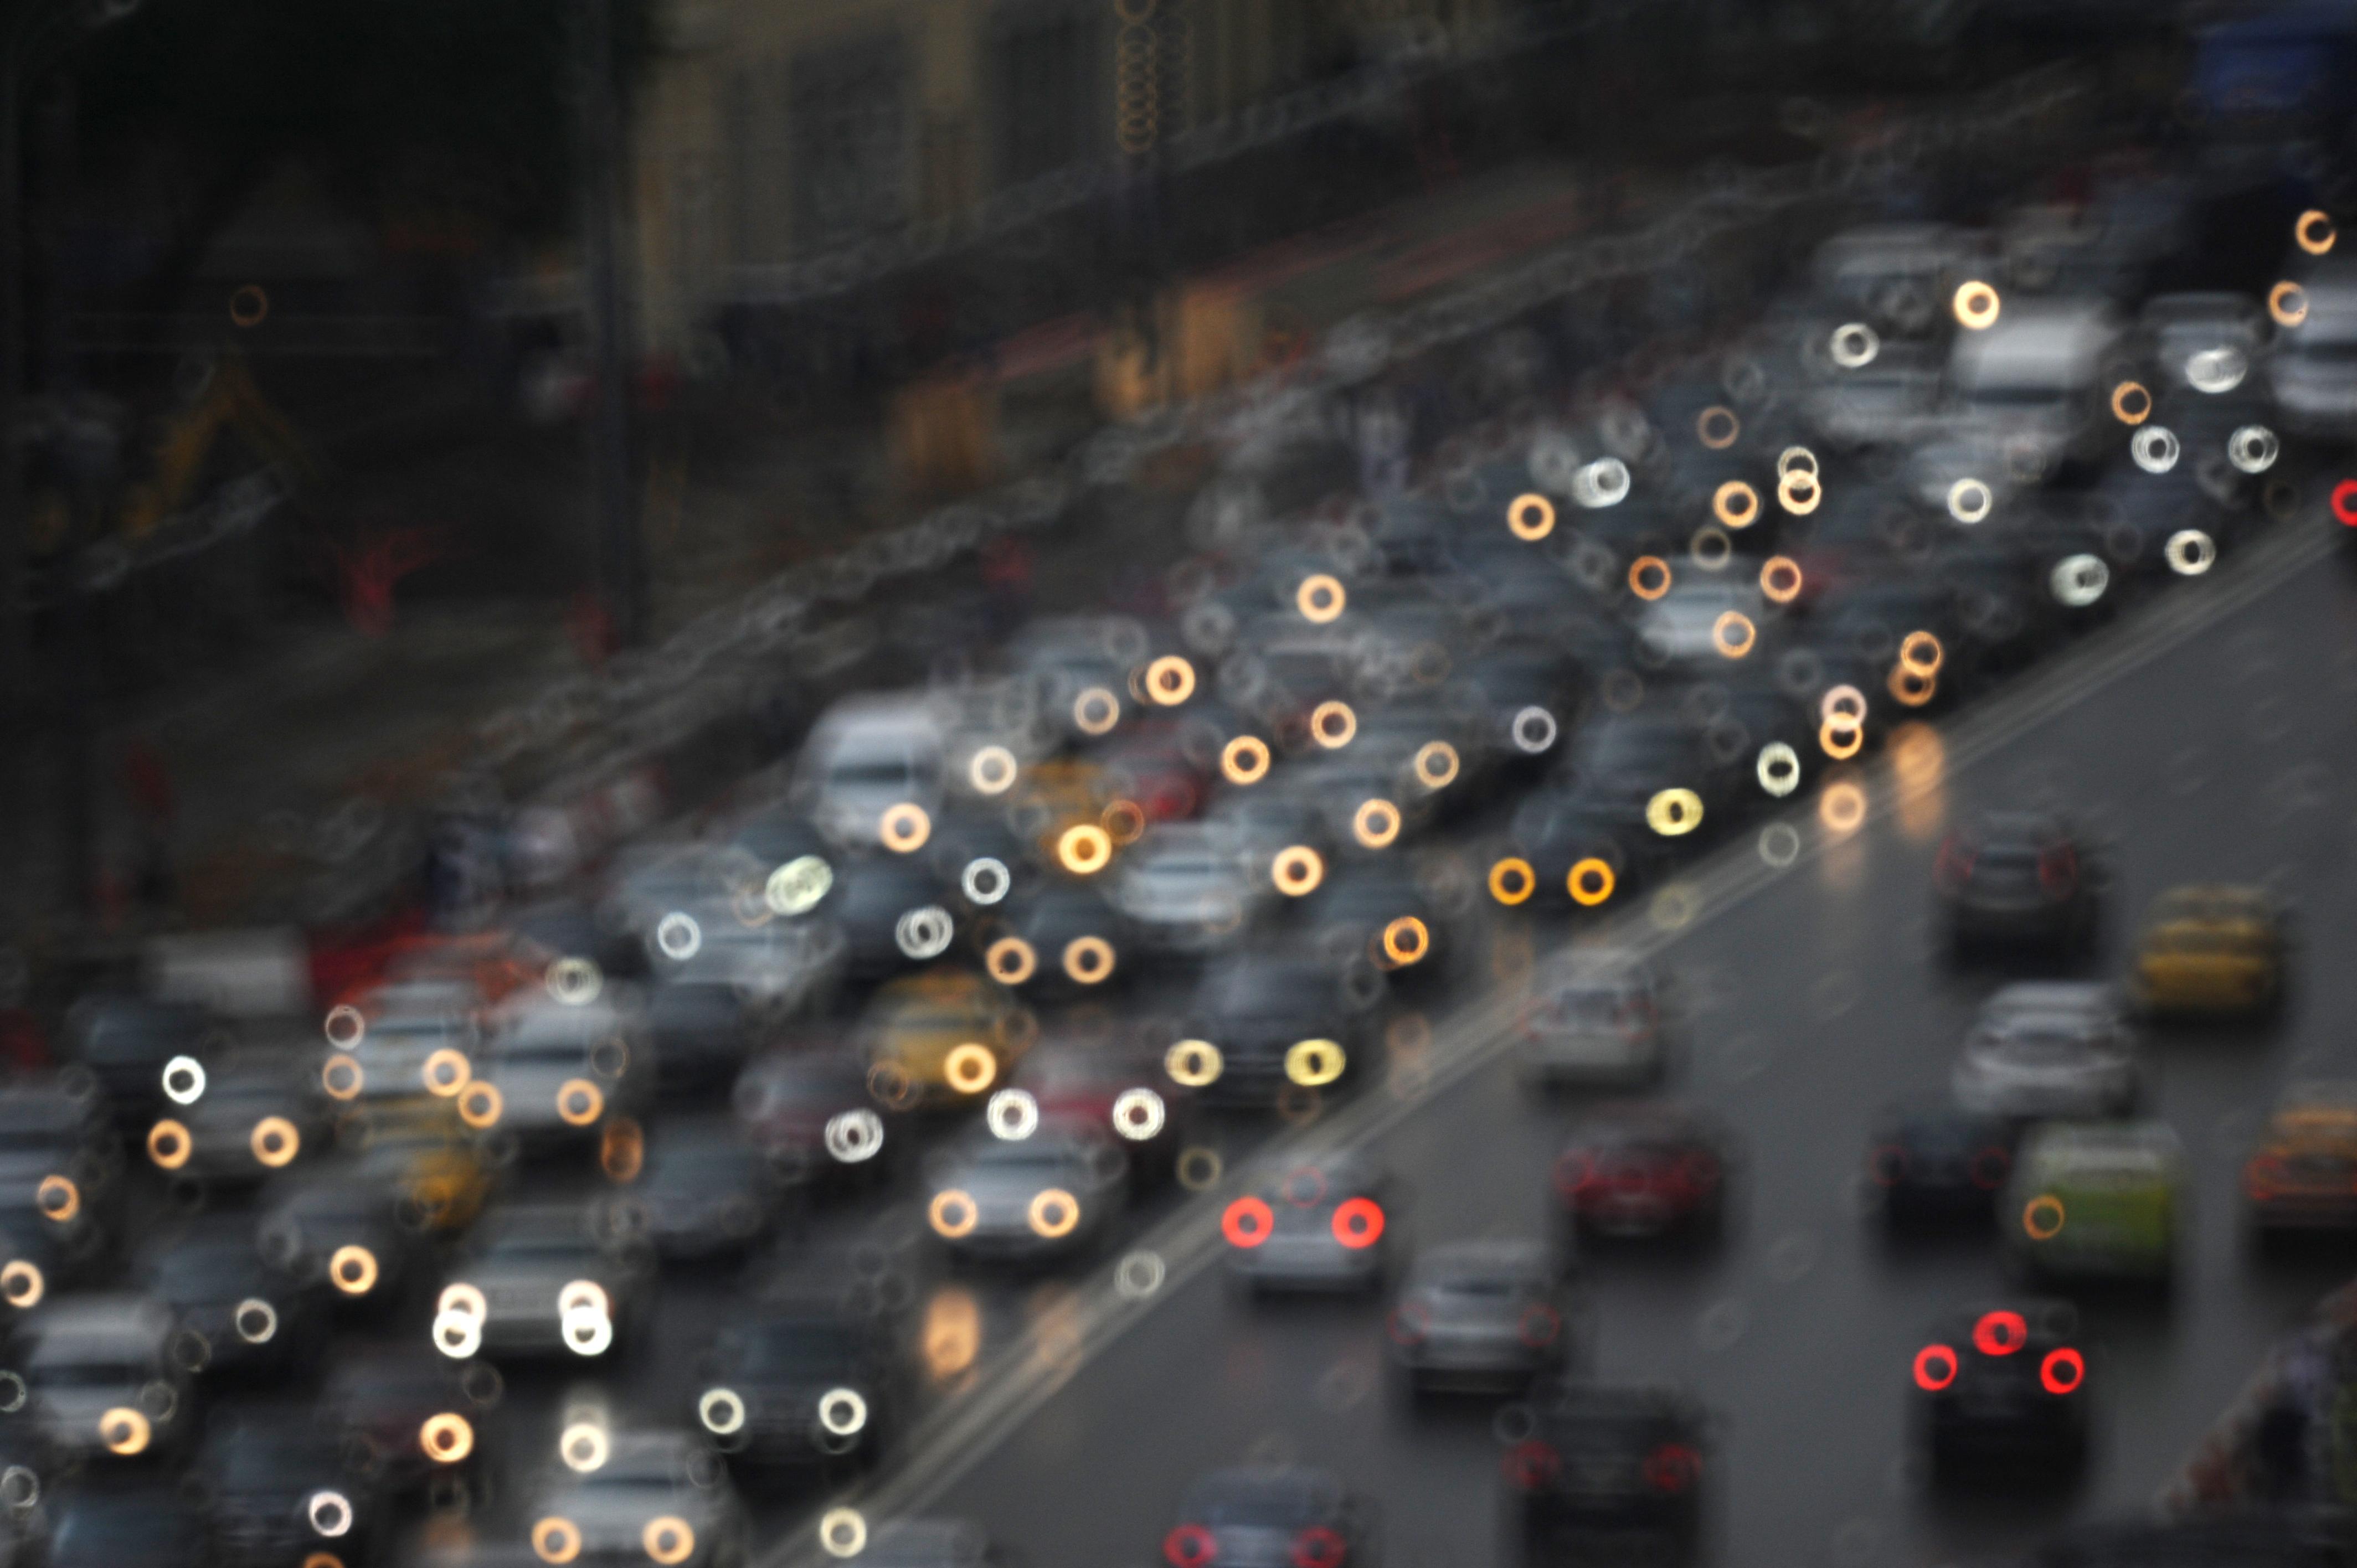 Московских водителей попросили отложить поездки до 20:00 из-за пробок